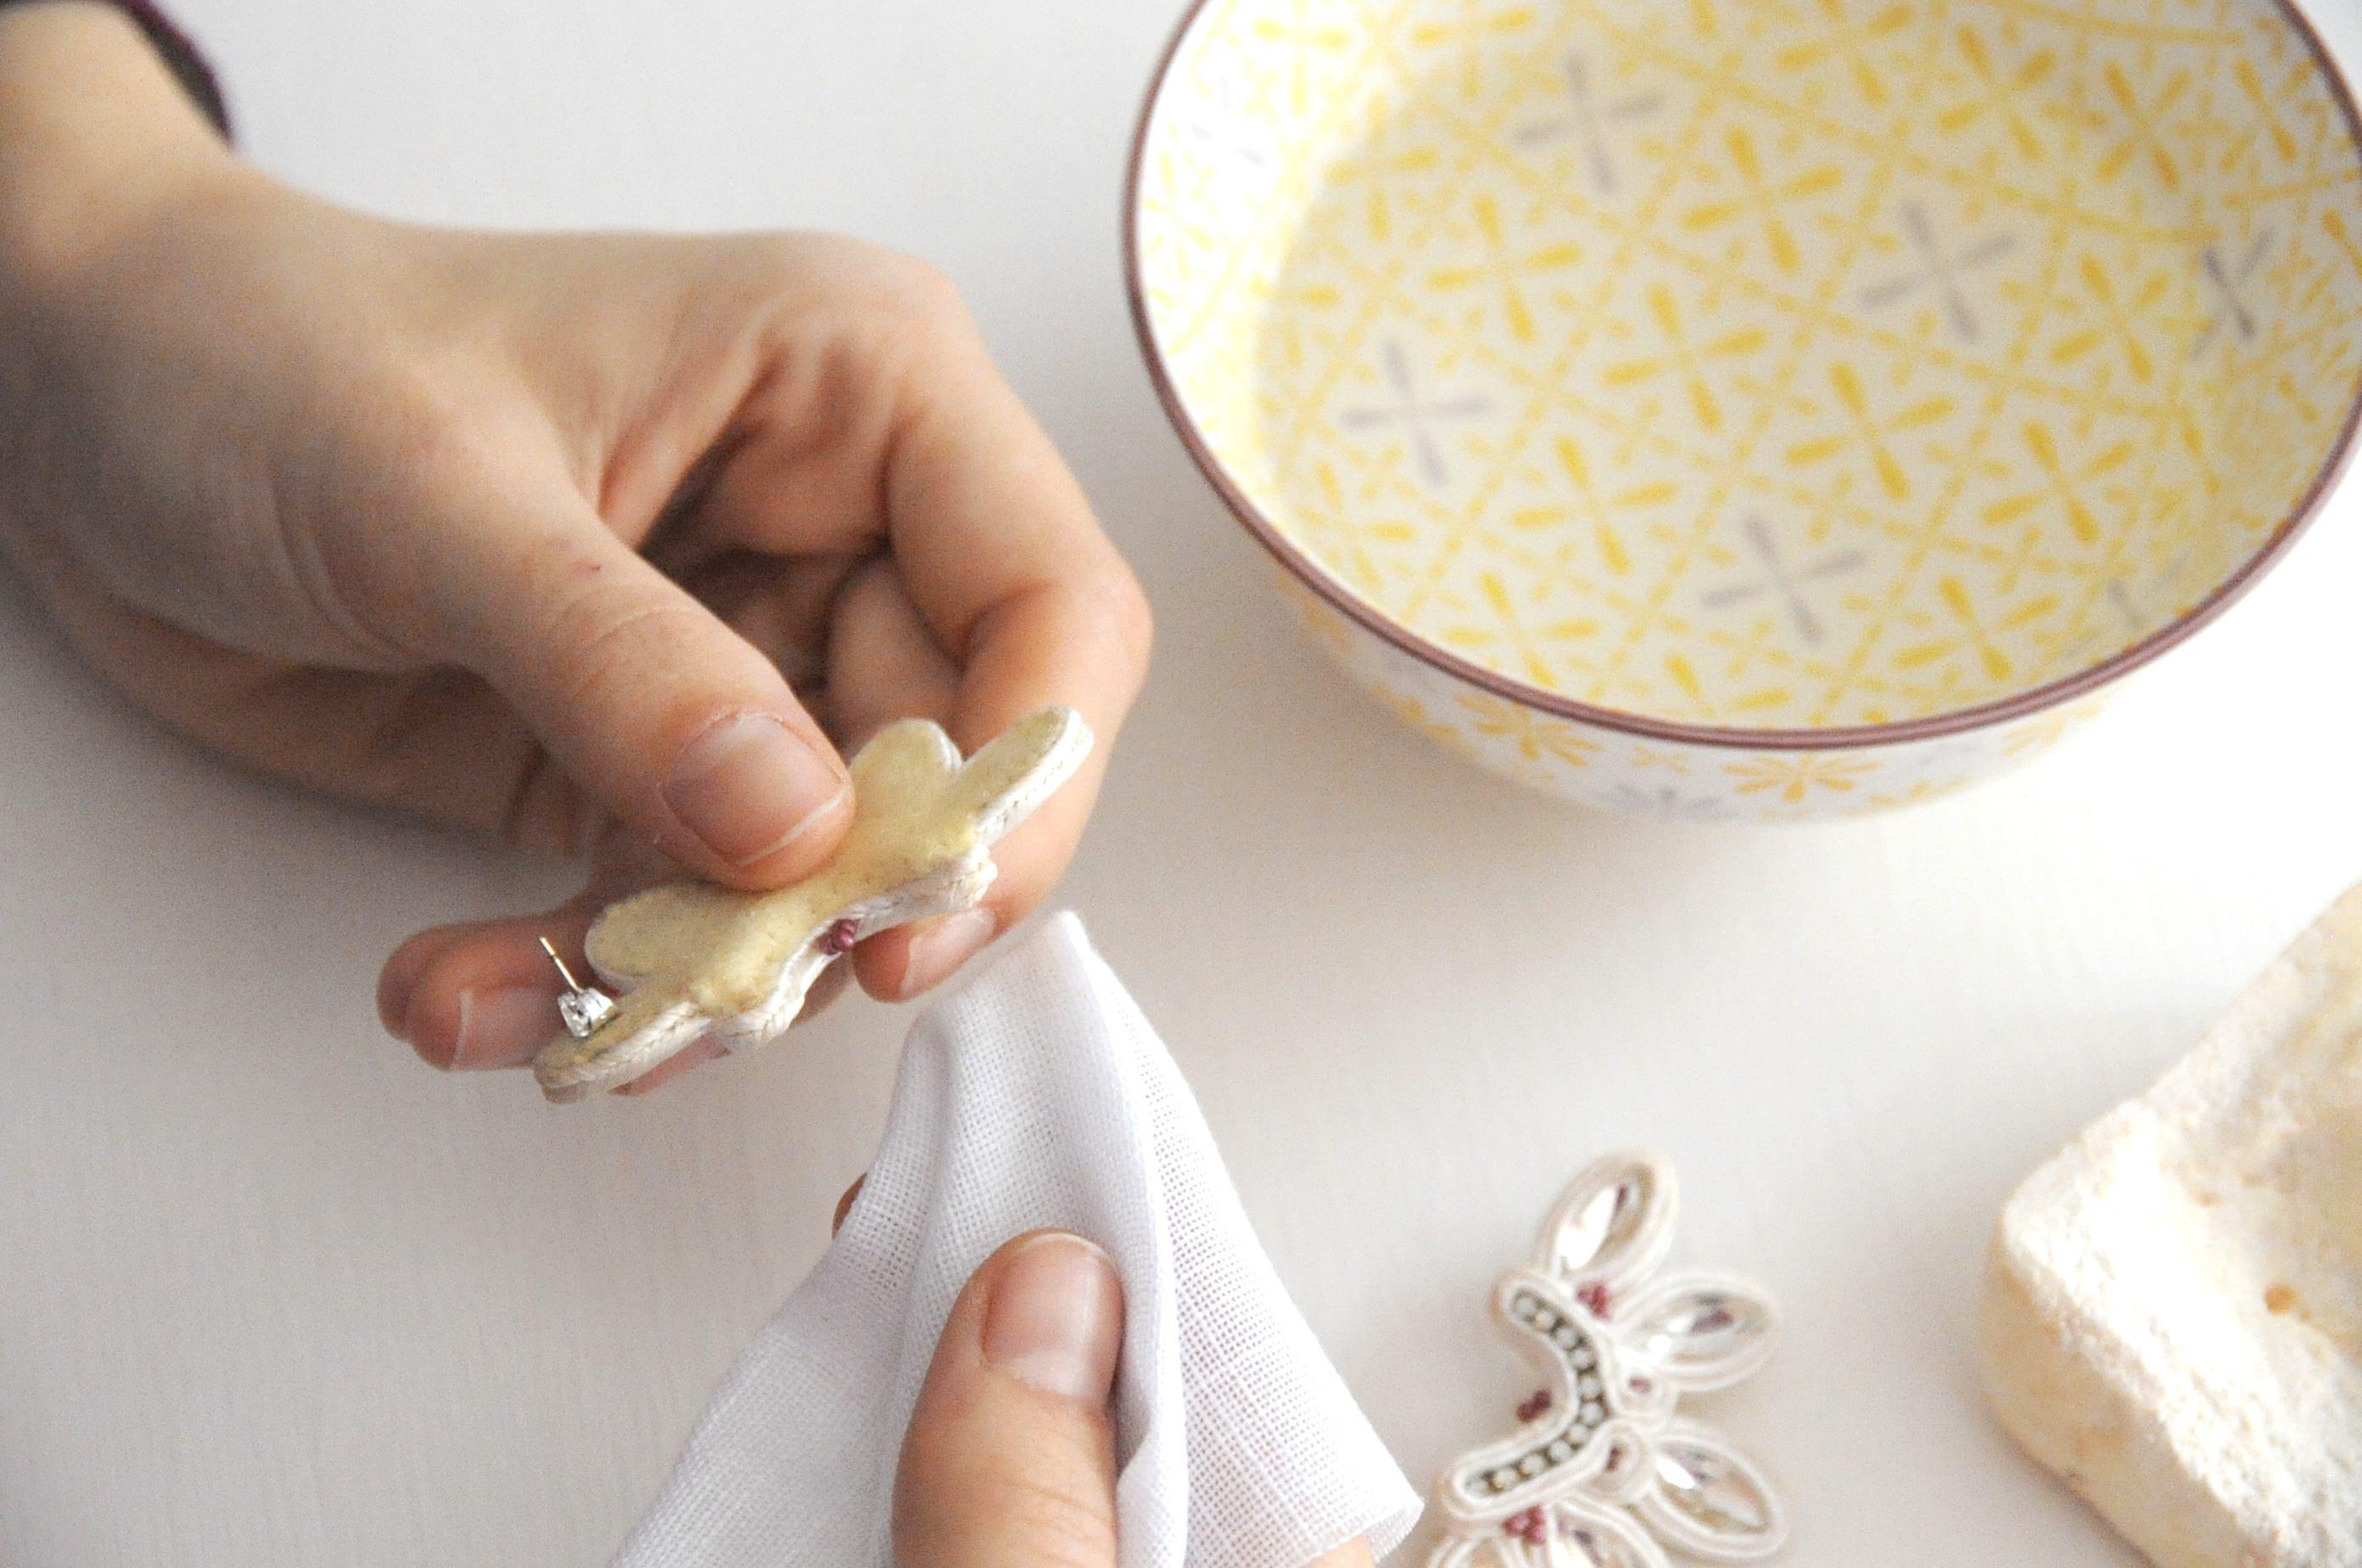 Bisutería soutache: cómo limpiar tus pendientes.